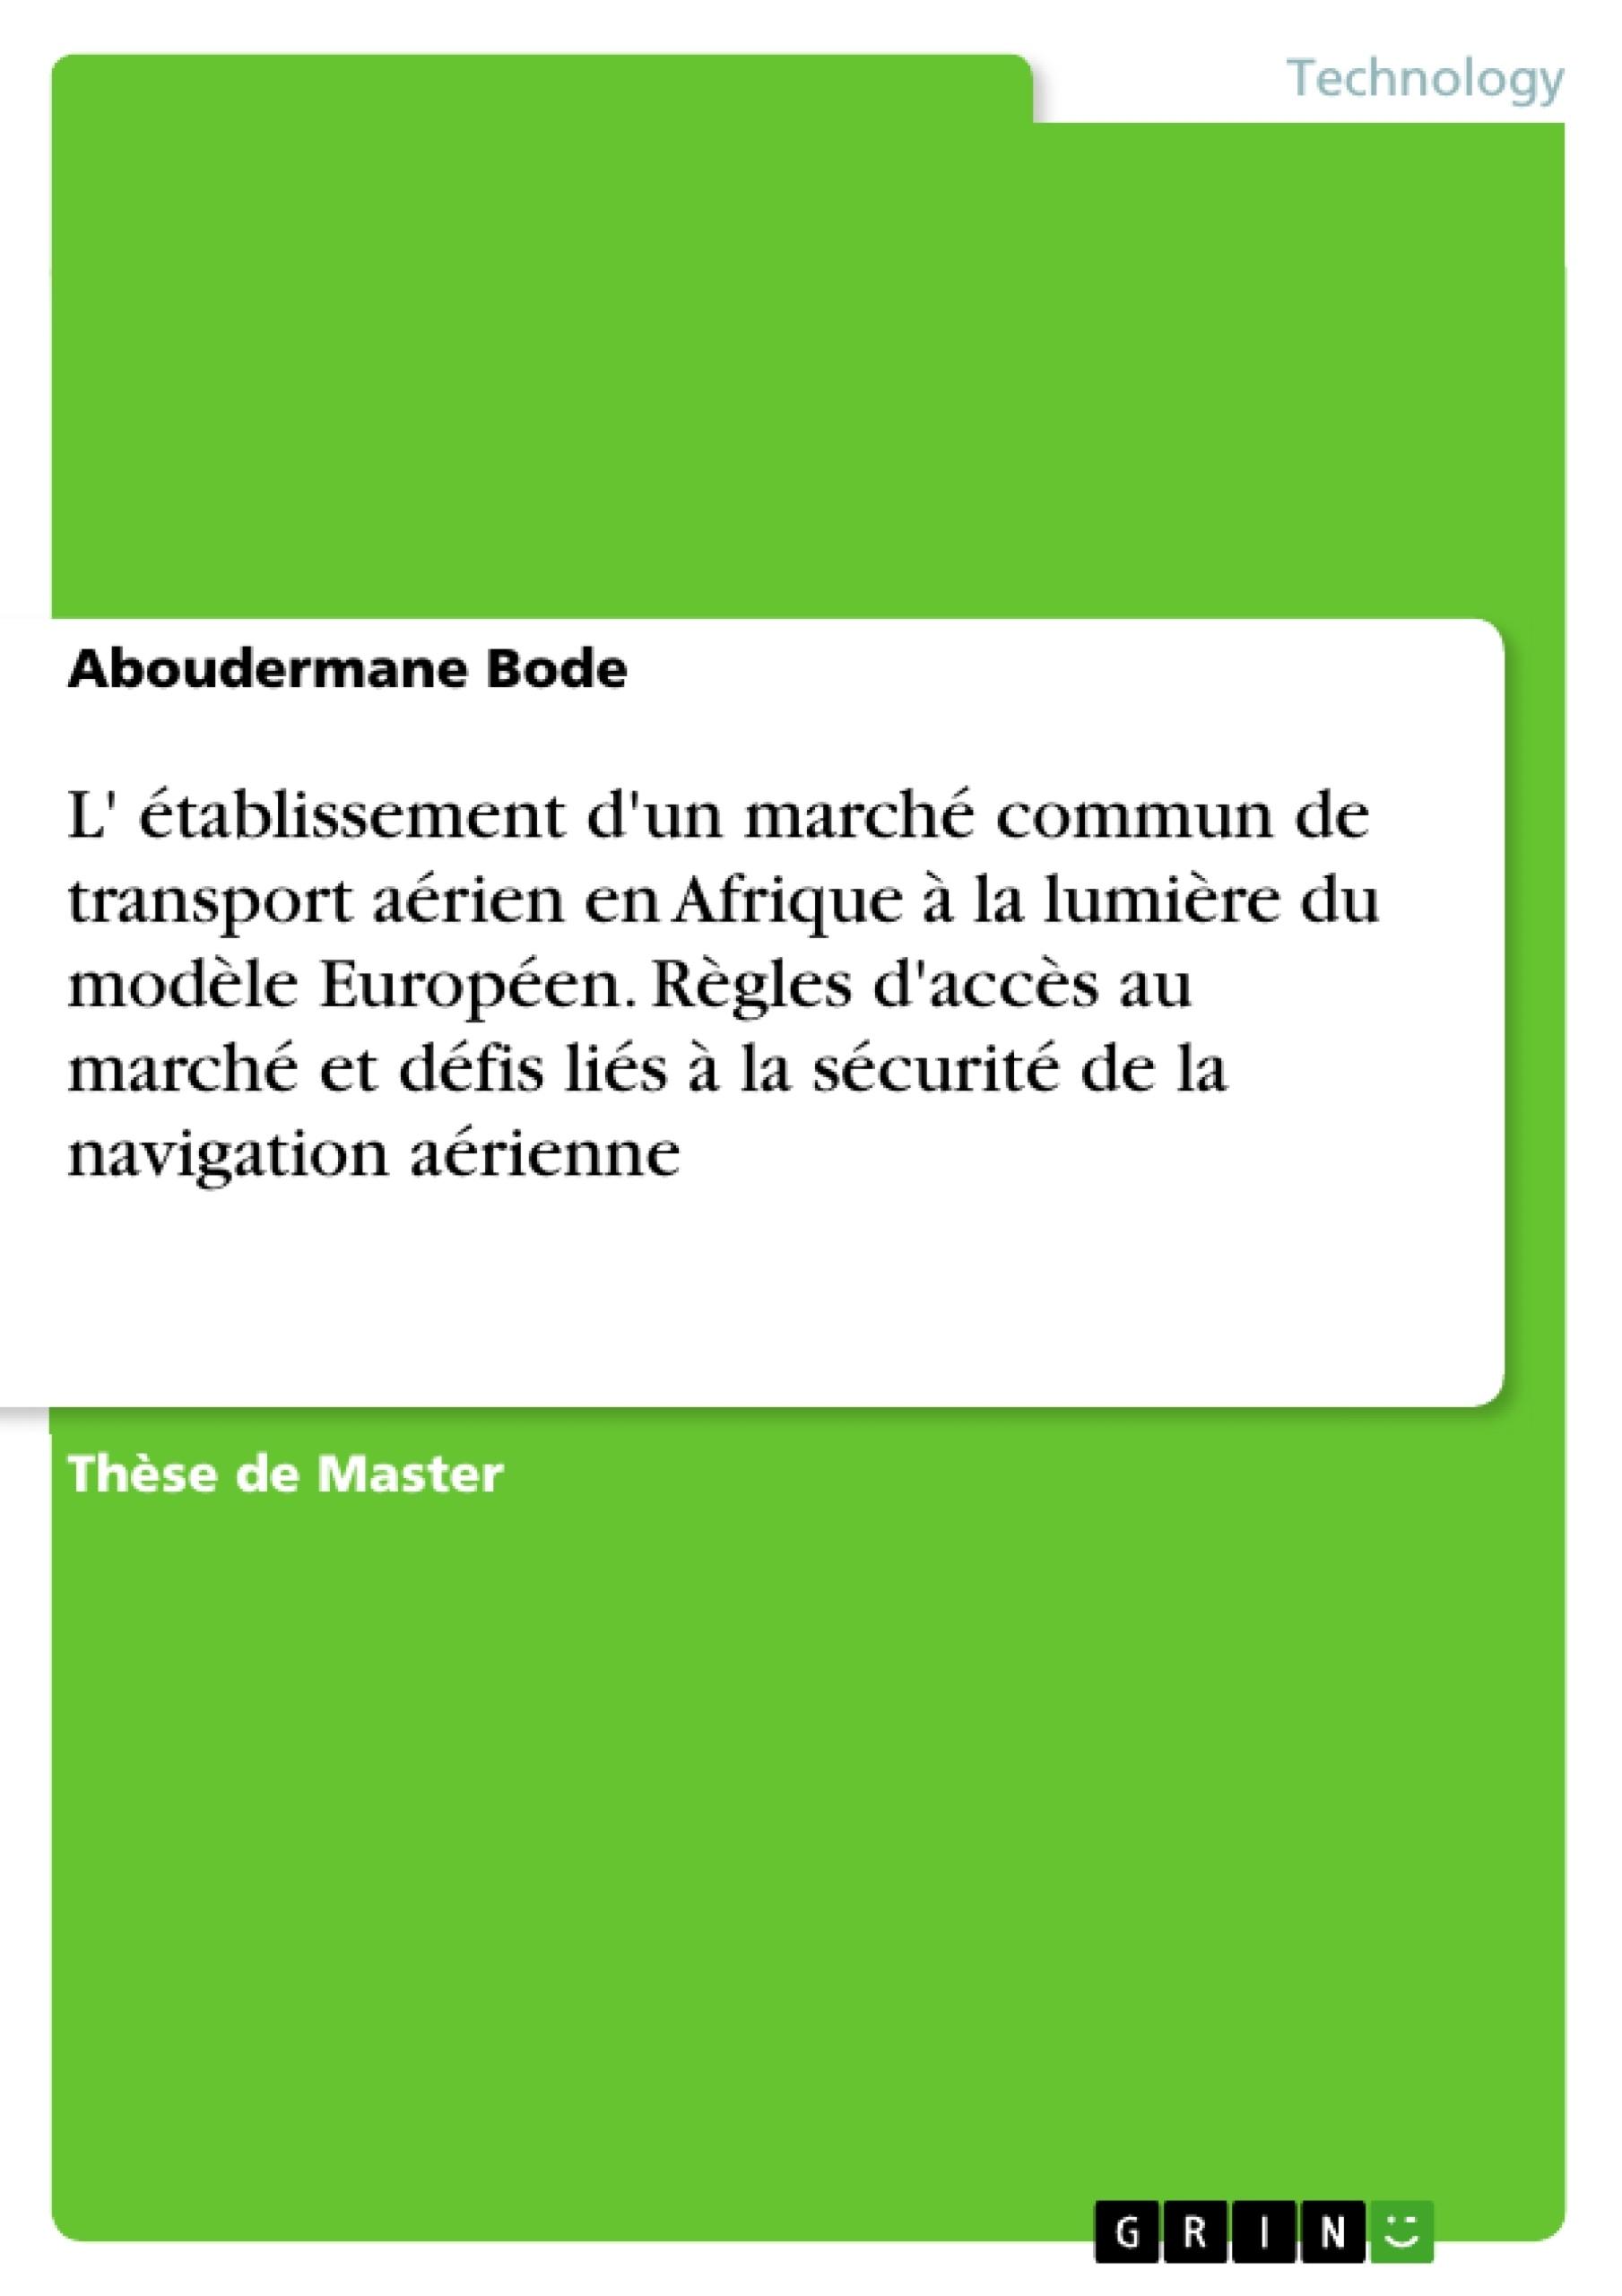 Titre: L' établissement d'un marché commun de transport aérien en Afrique à la lumière du modèle Européen. Règles d'accès au marché et défis liés à la sécurité de la navigation aérienne